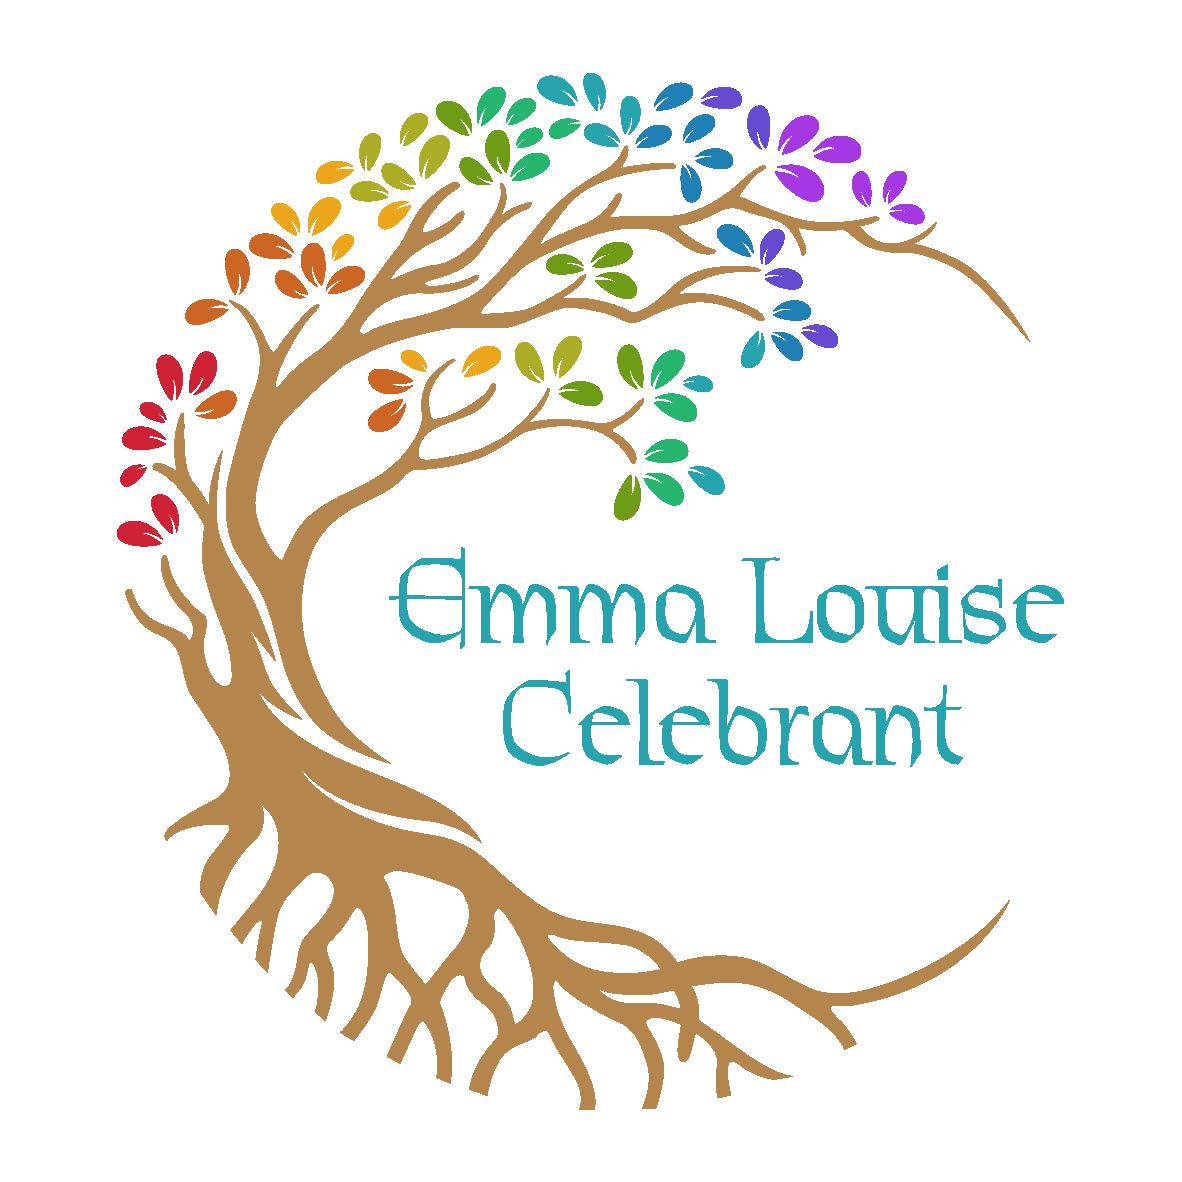 emma Louise celebrant logo